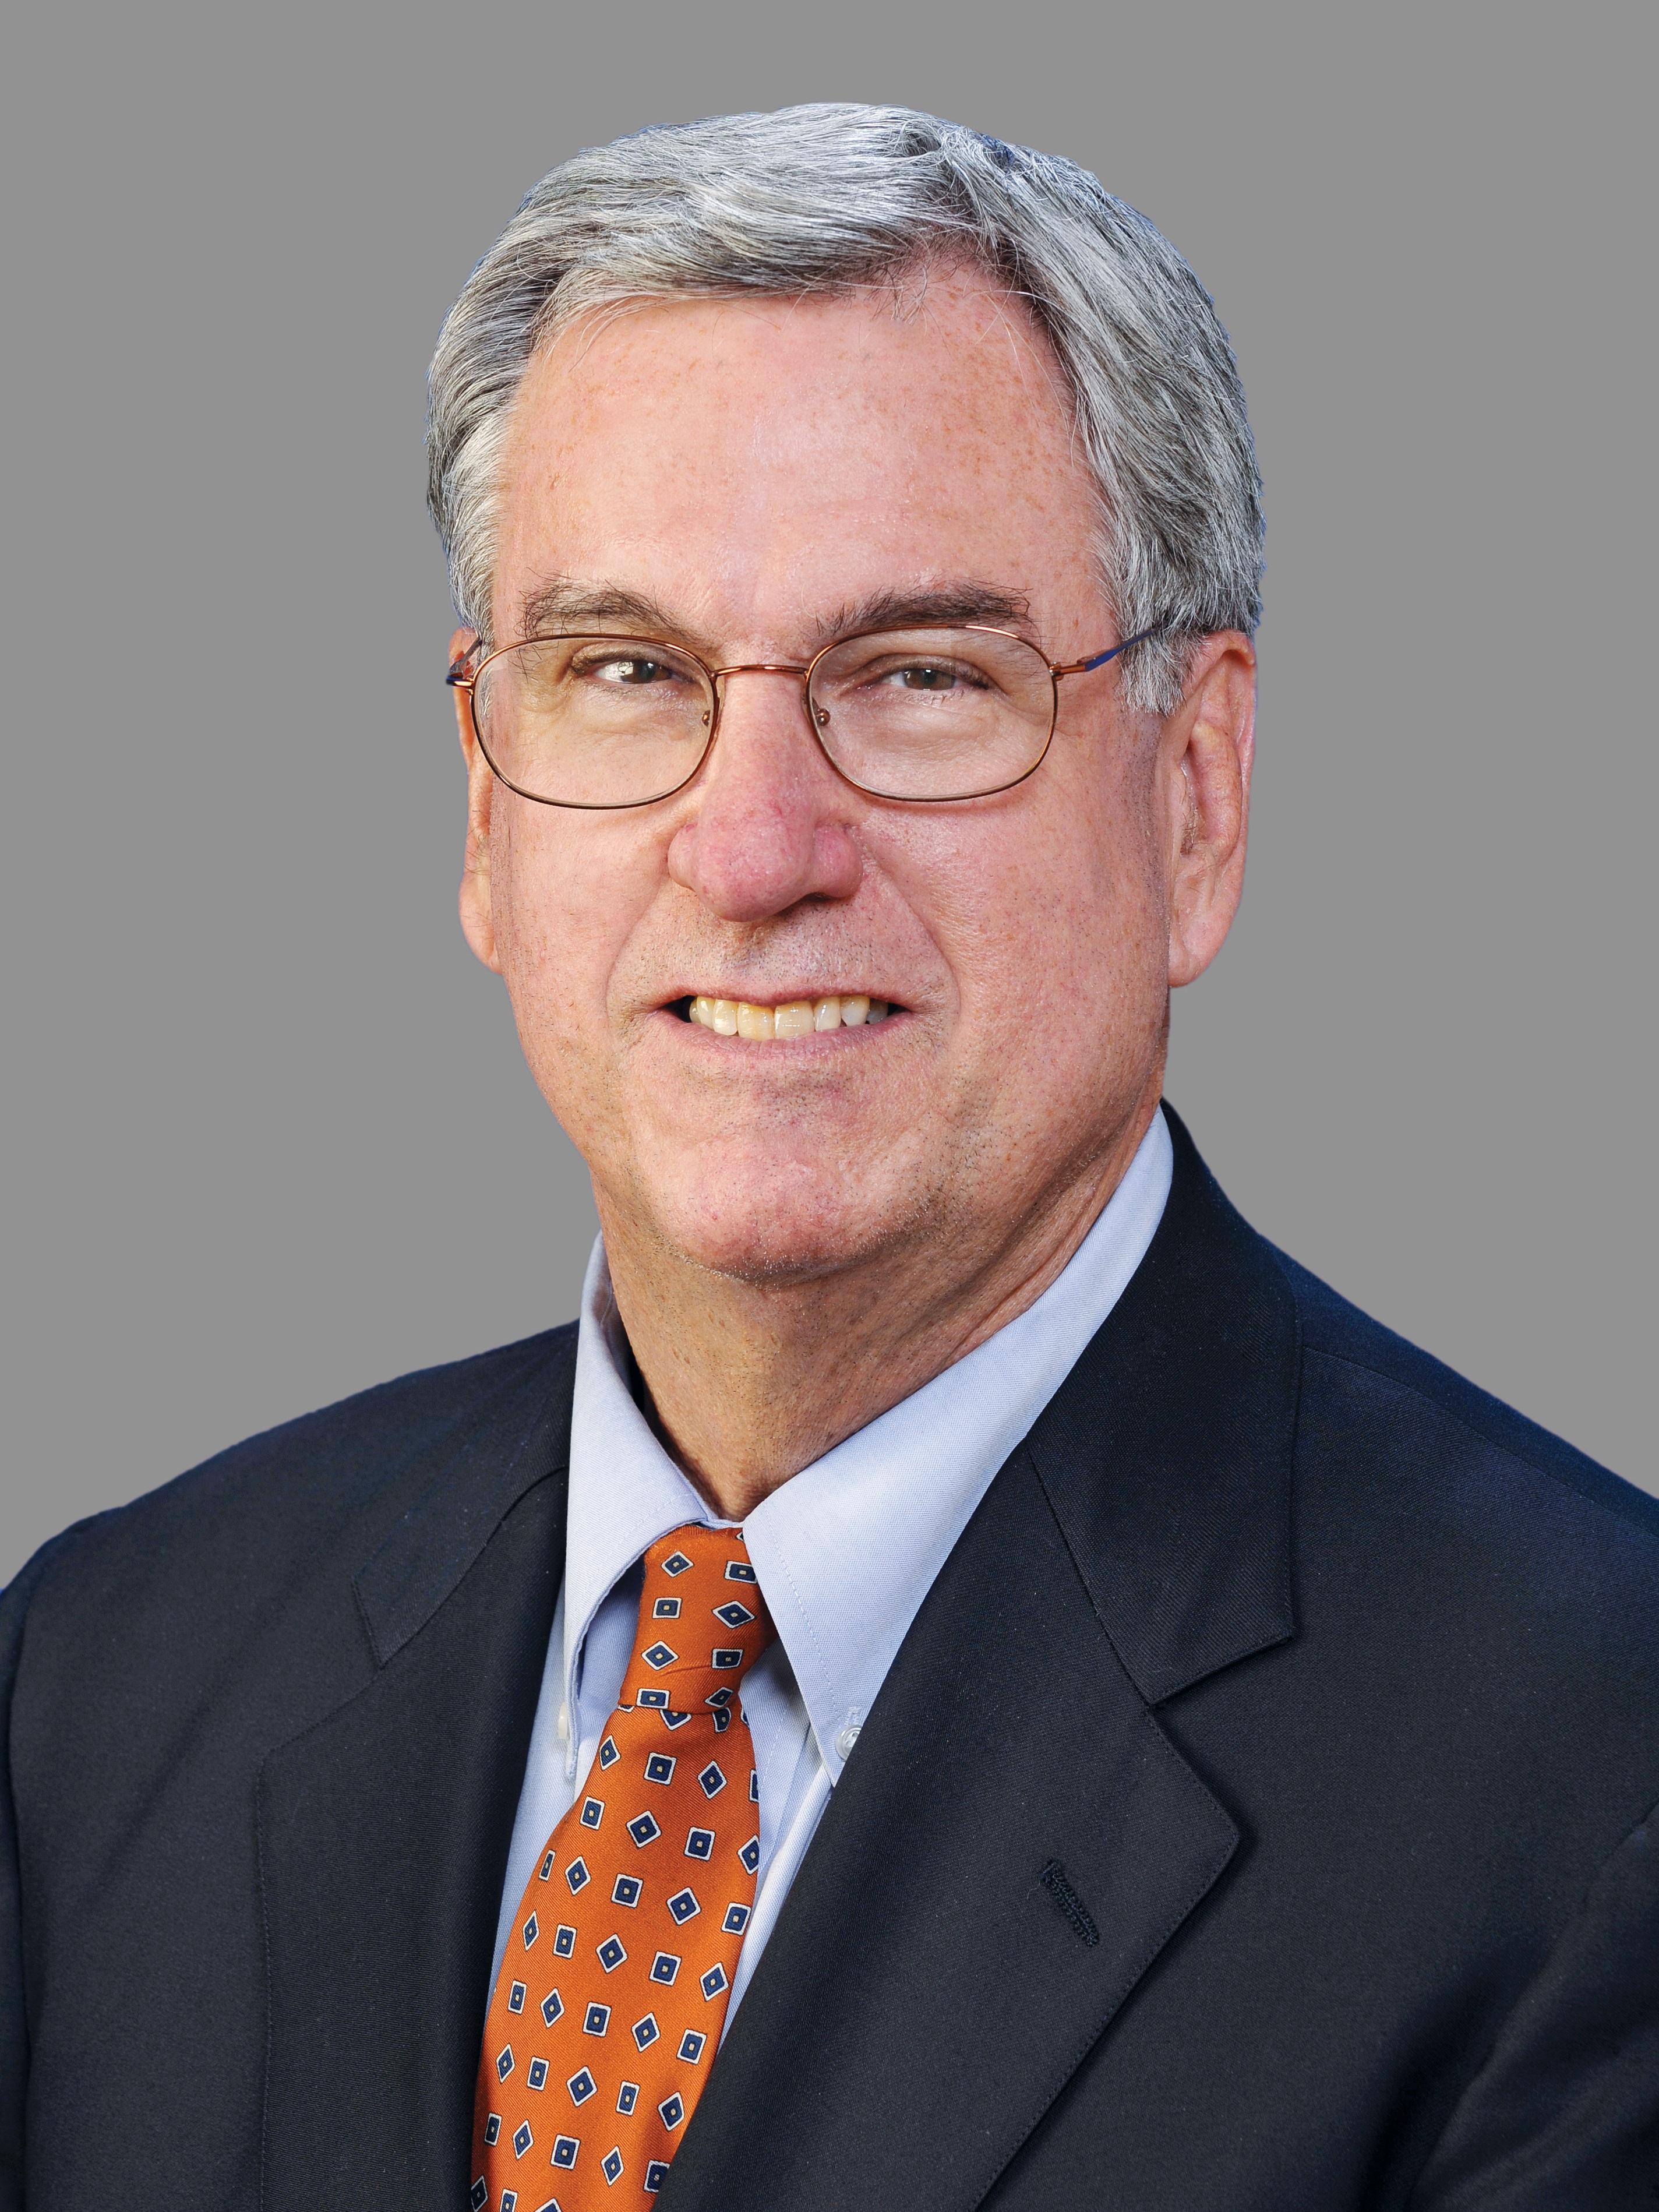 Dr Guilbert Hentschke, Chairman